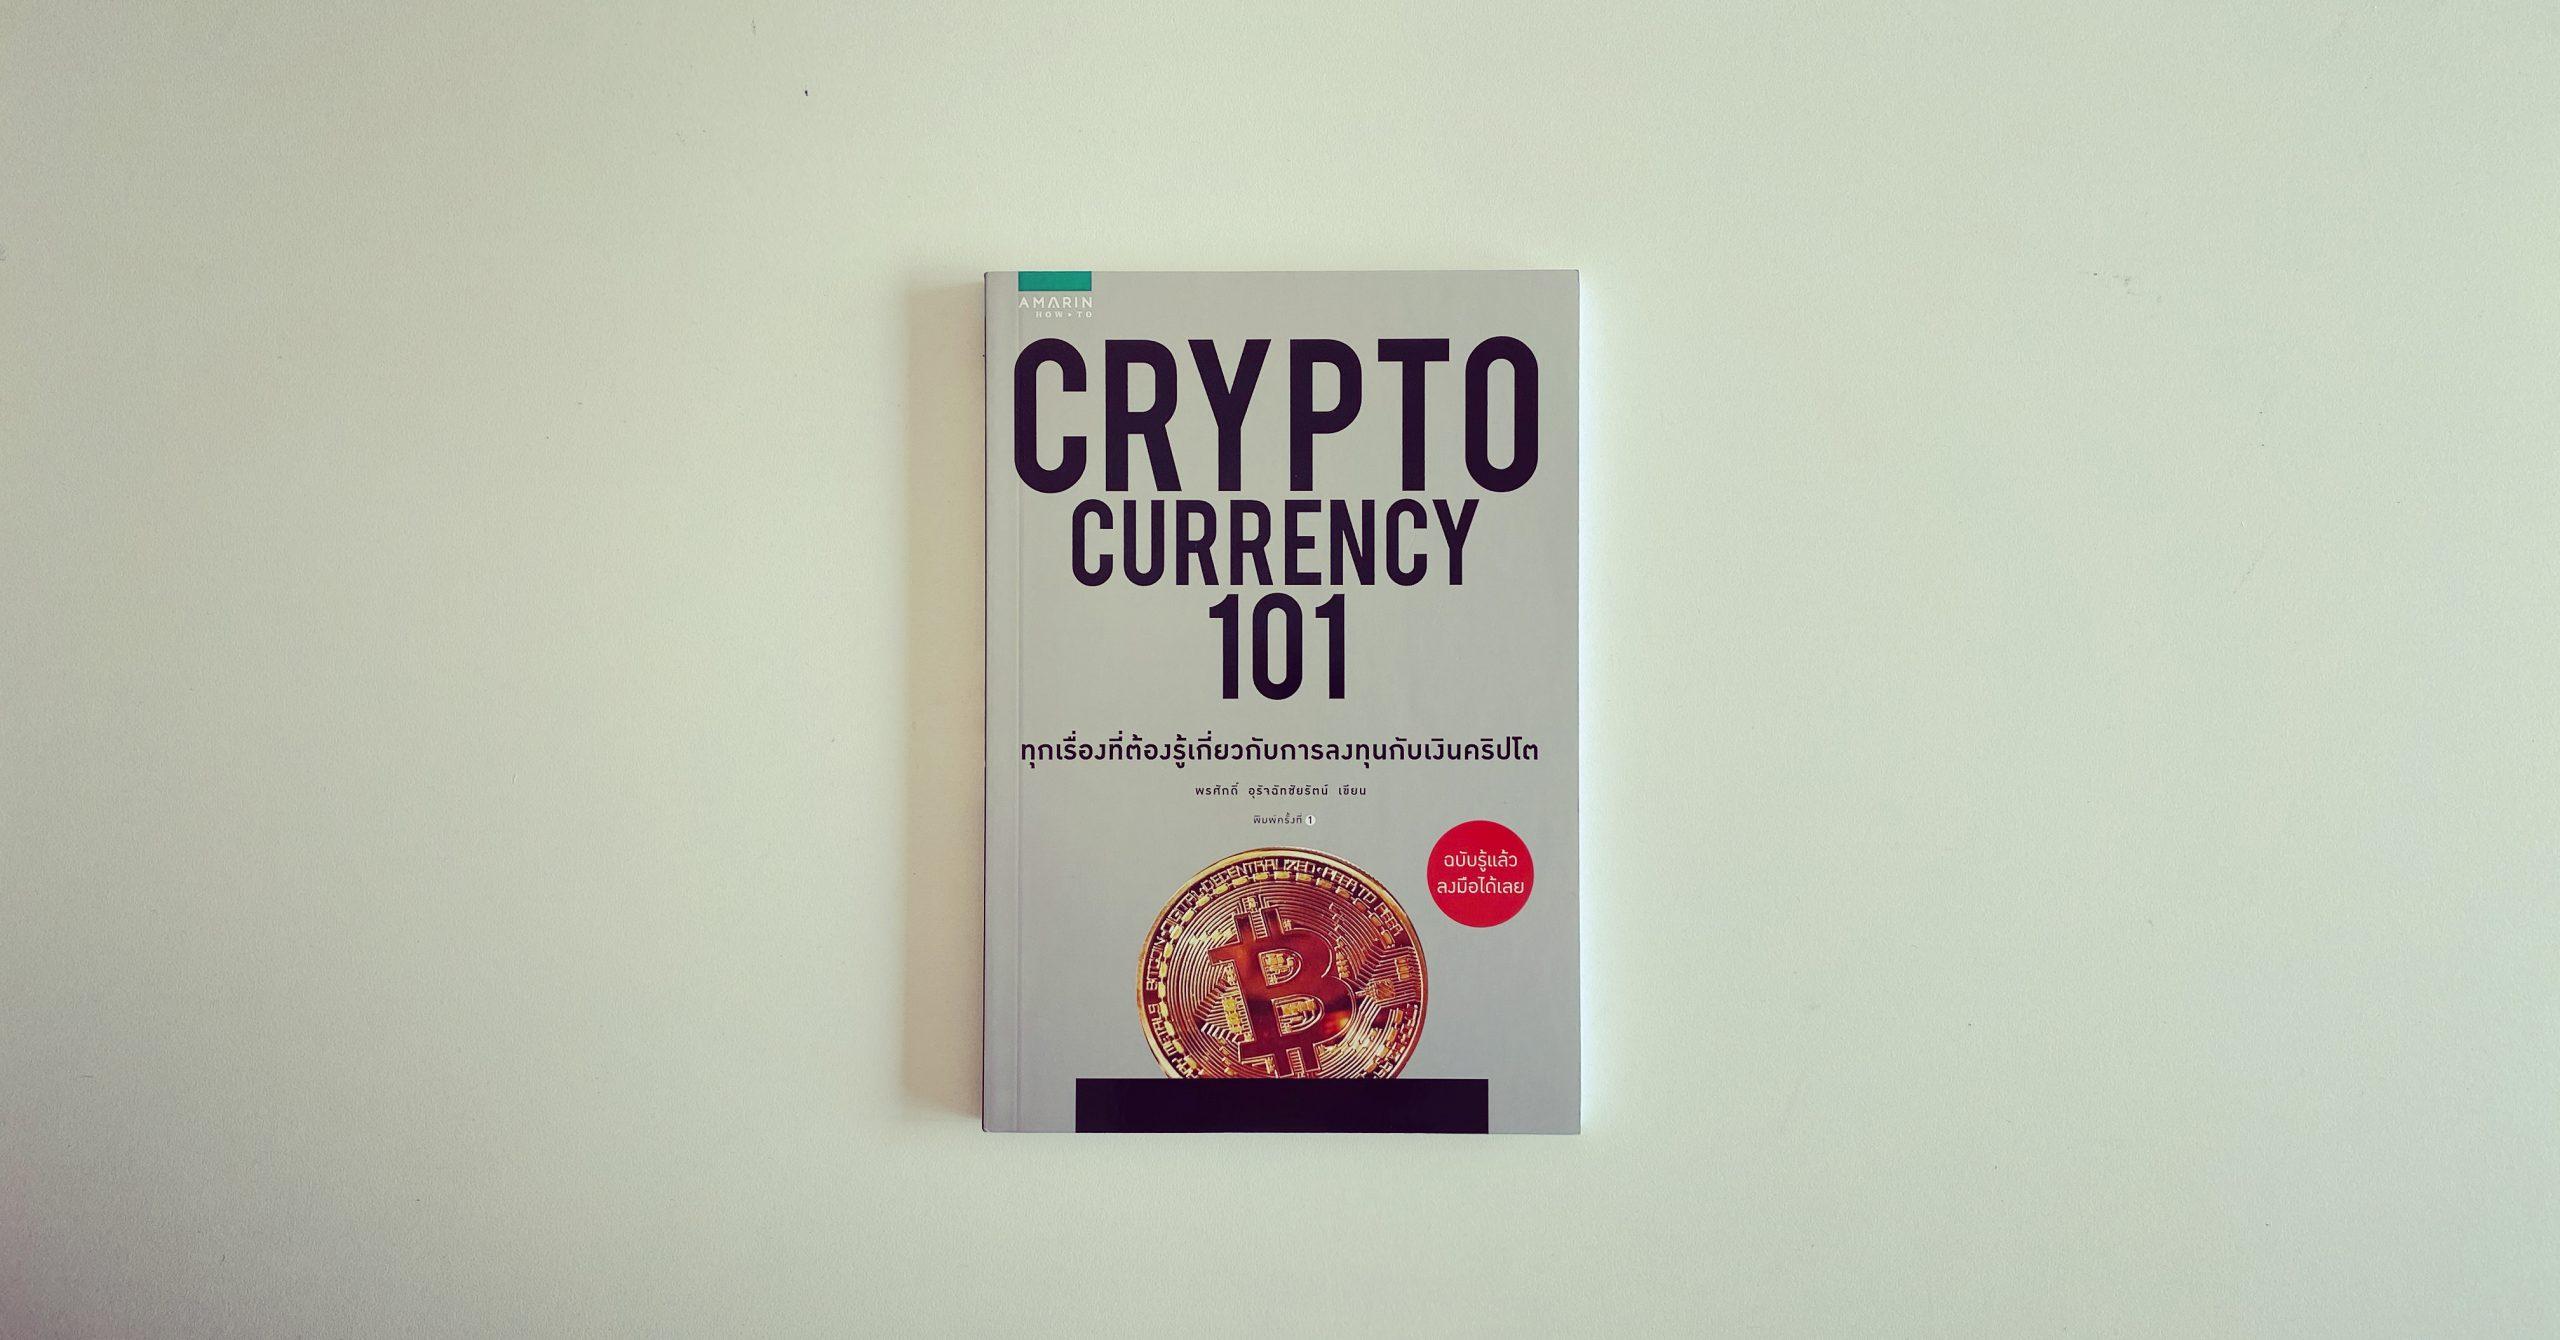 สรุปหนังสือ Crypto Currency 101 ทุกเรื่องที่ต้องรู้เกี่ยวกับการลงทุนกับเงินคริปโต Bitcoin และ Blockchain สำหรับมือใหม่